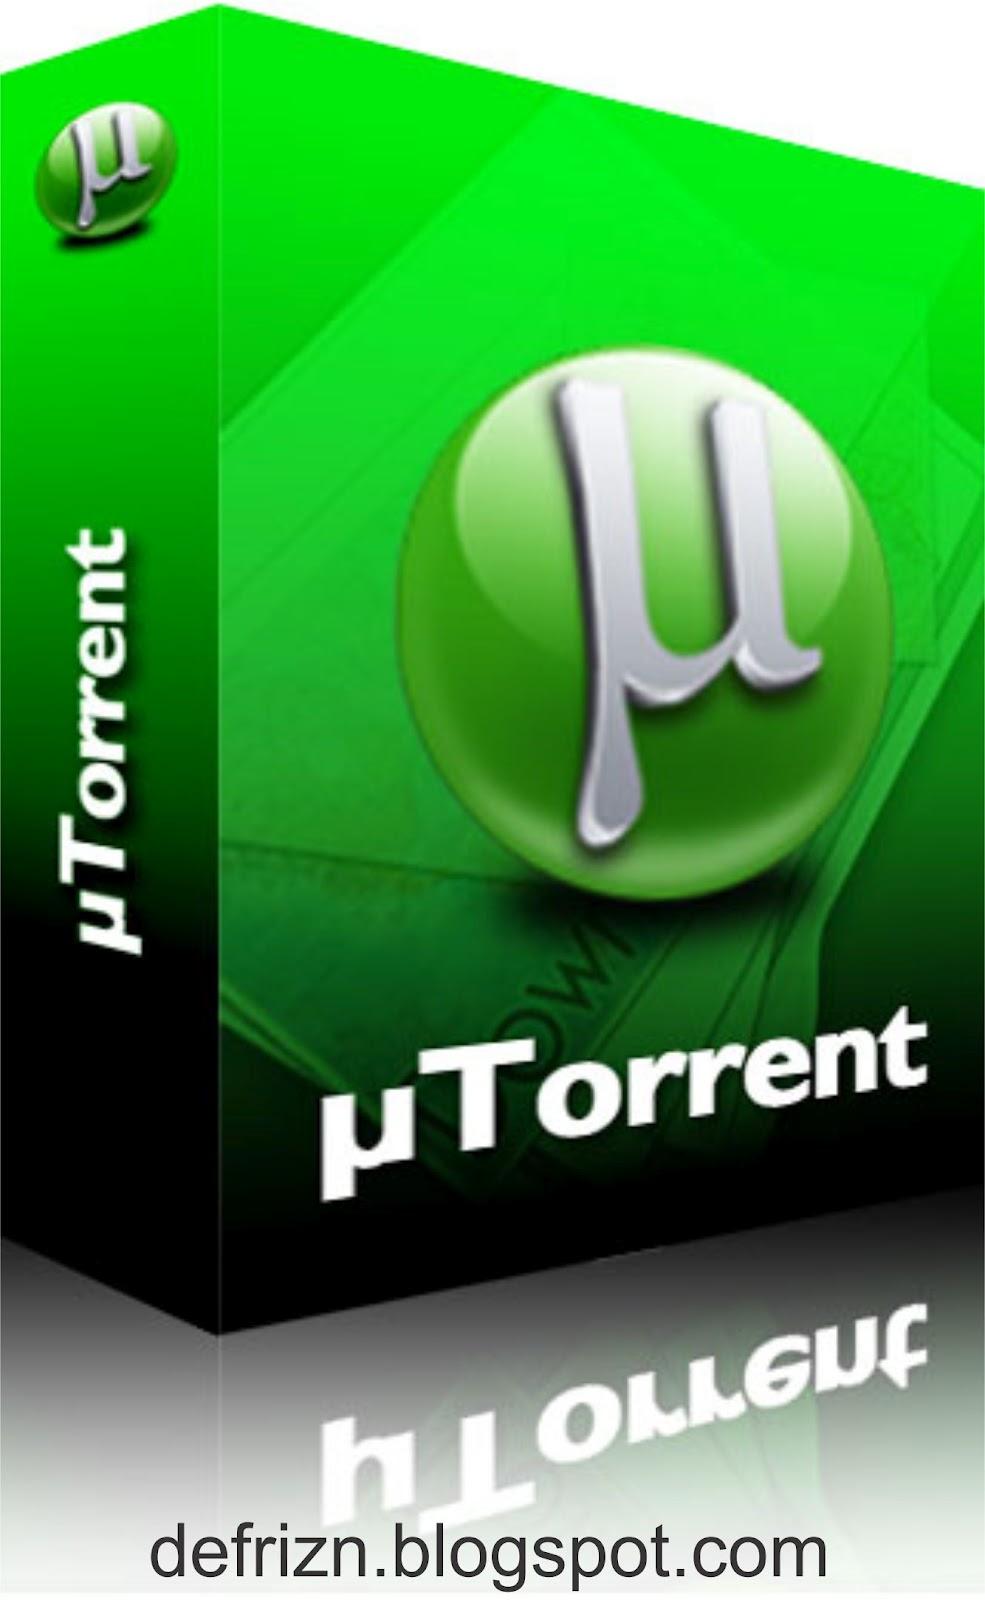 Cara Mempercepat Download Utorrent : mempercepat, download, utorrent, Download, Software+Game, Patch,Crack,keygen:, Mempercepat, Dengan, UTorrent